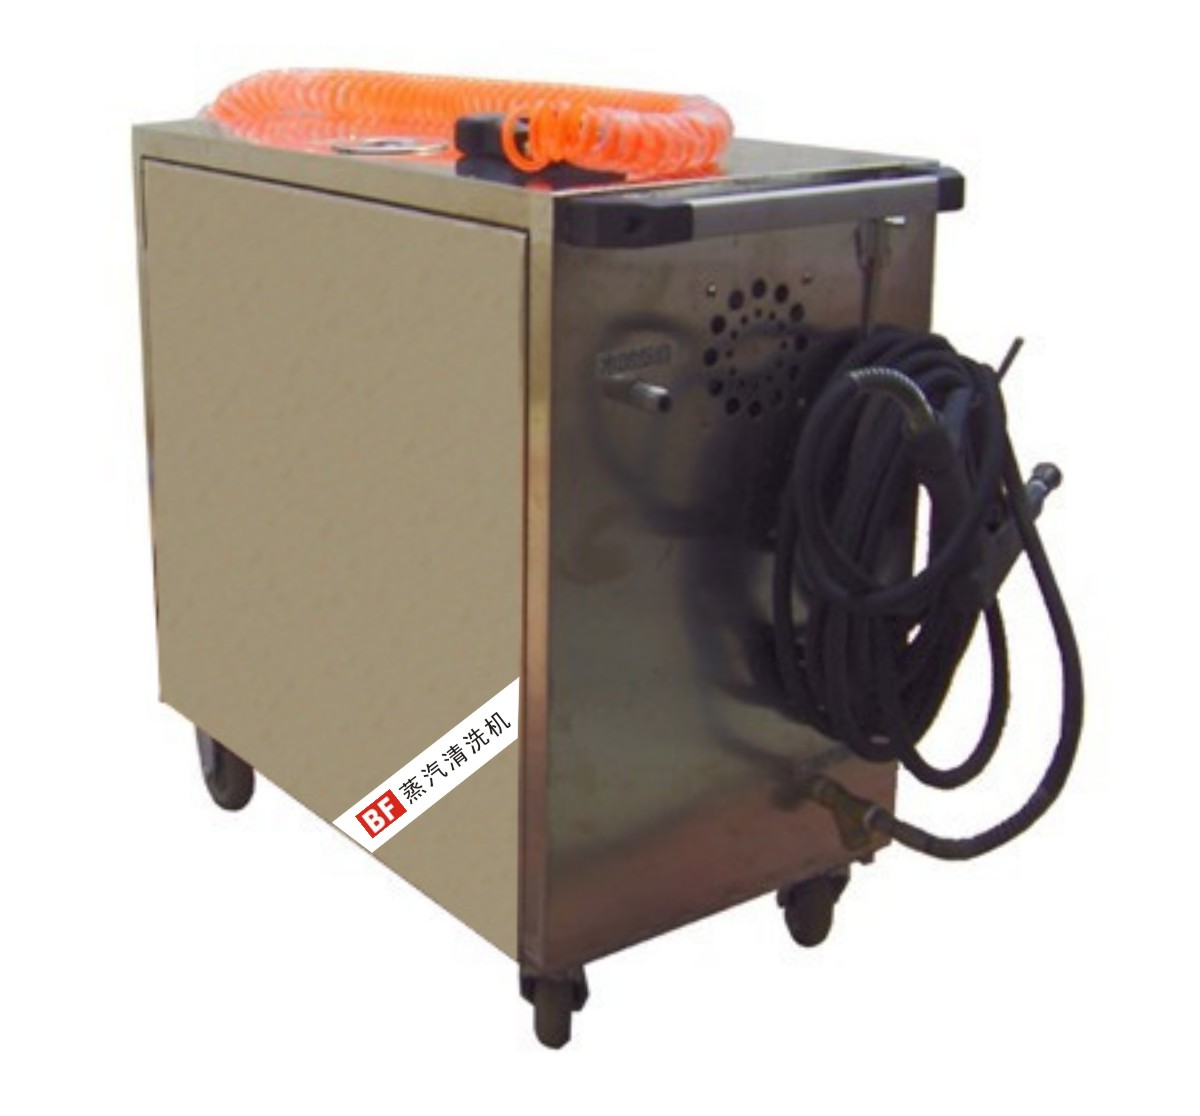 高压蒸汽清洗机图片_工业用清洗机-供应电加热蒸汽清洗机-垂直机械网